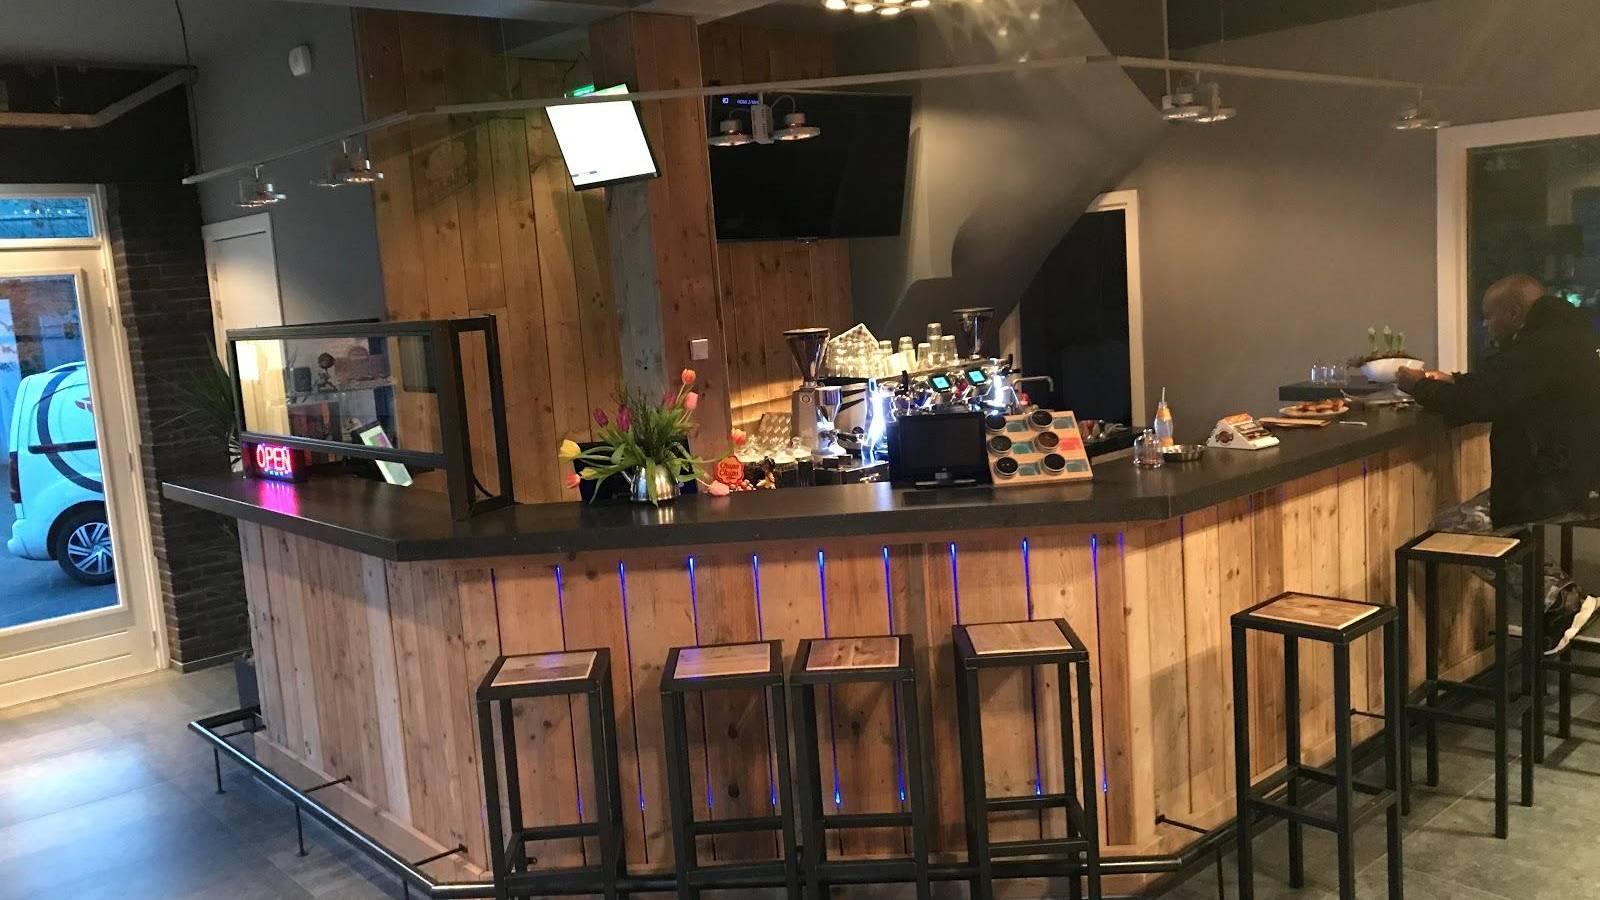 Caza Coffeeshop in Tilburg | DutchCoffeeshops.com